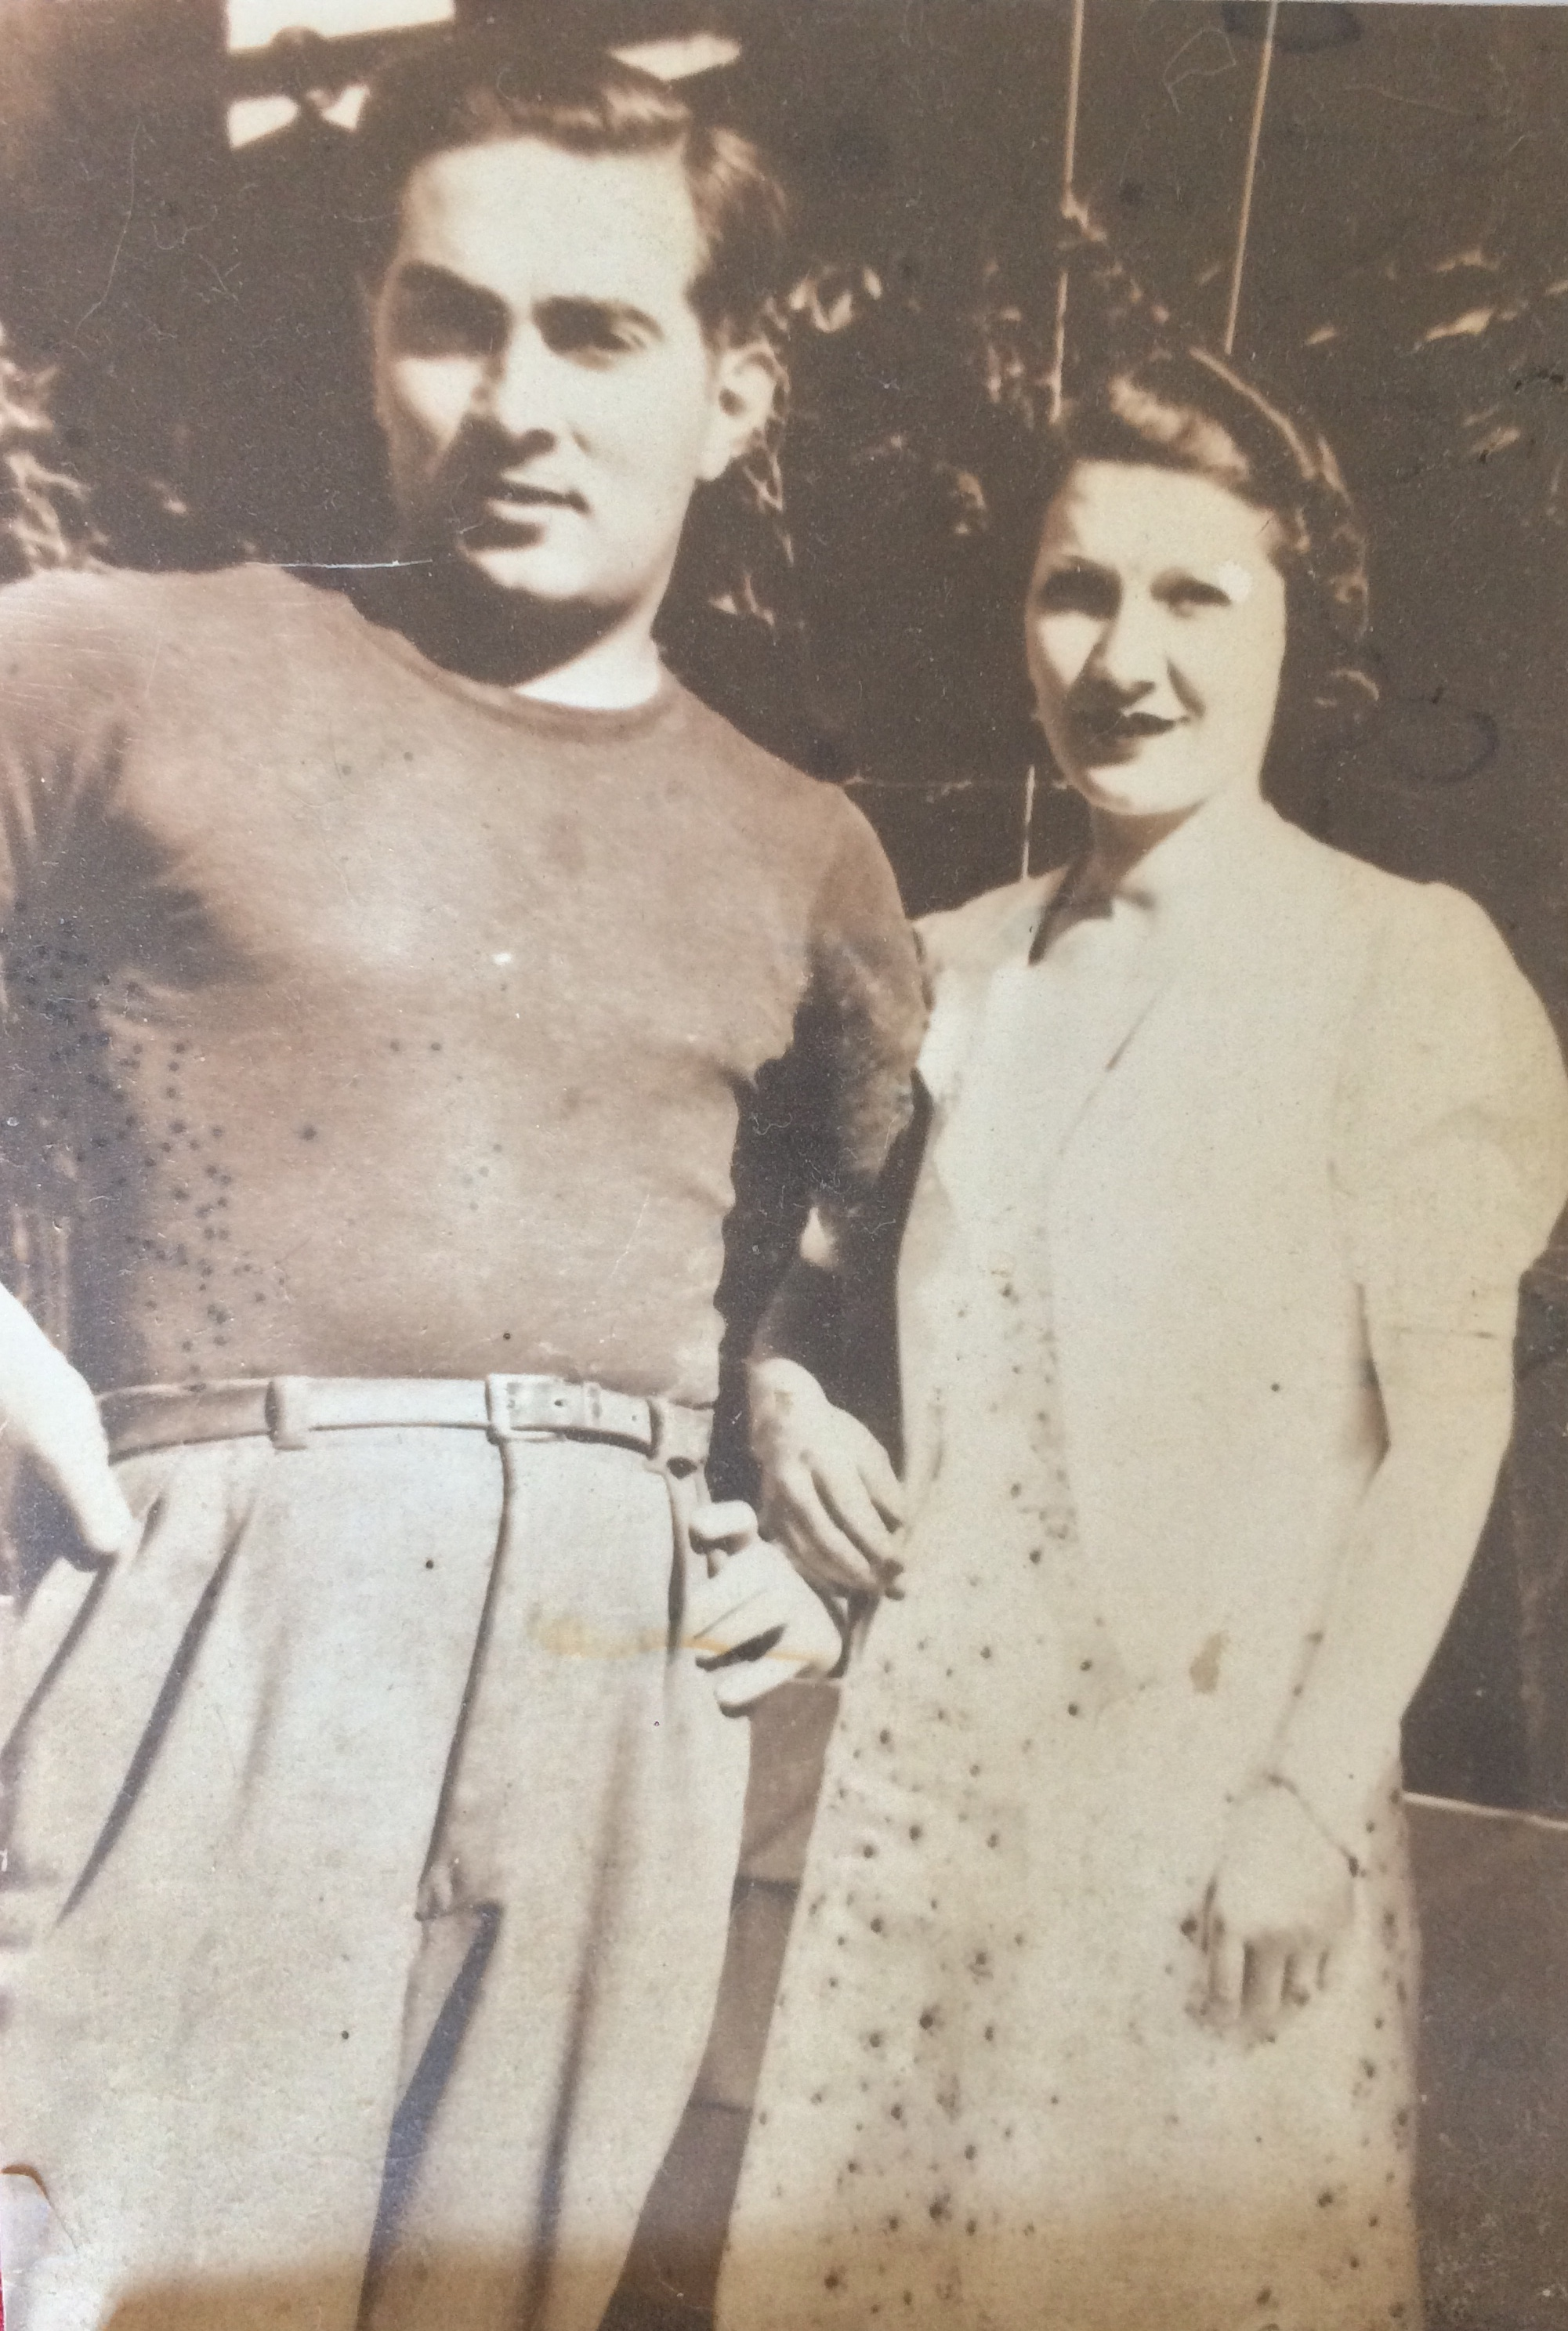 David dit Fernand et Yvette HIKIM (années 30) © collection particulière